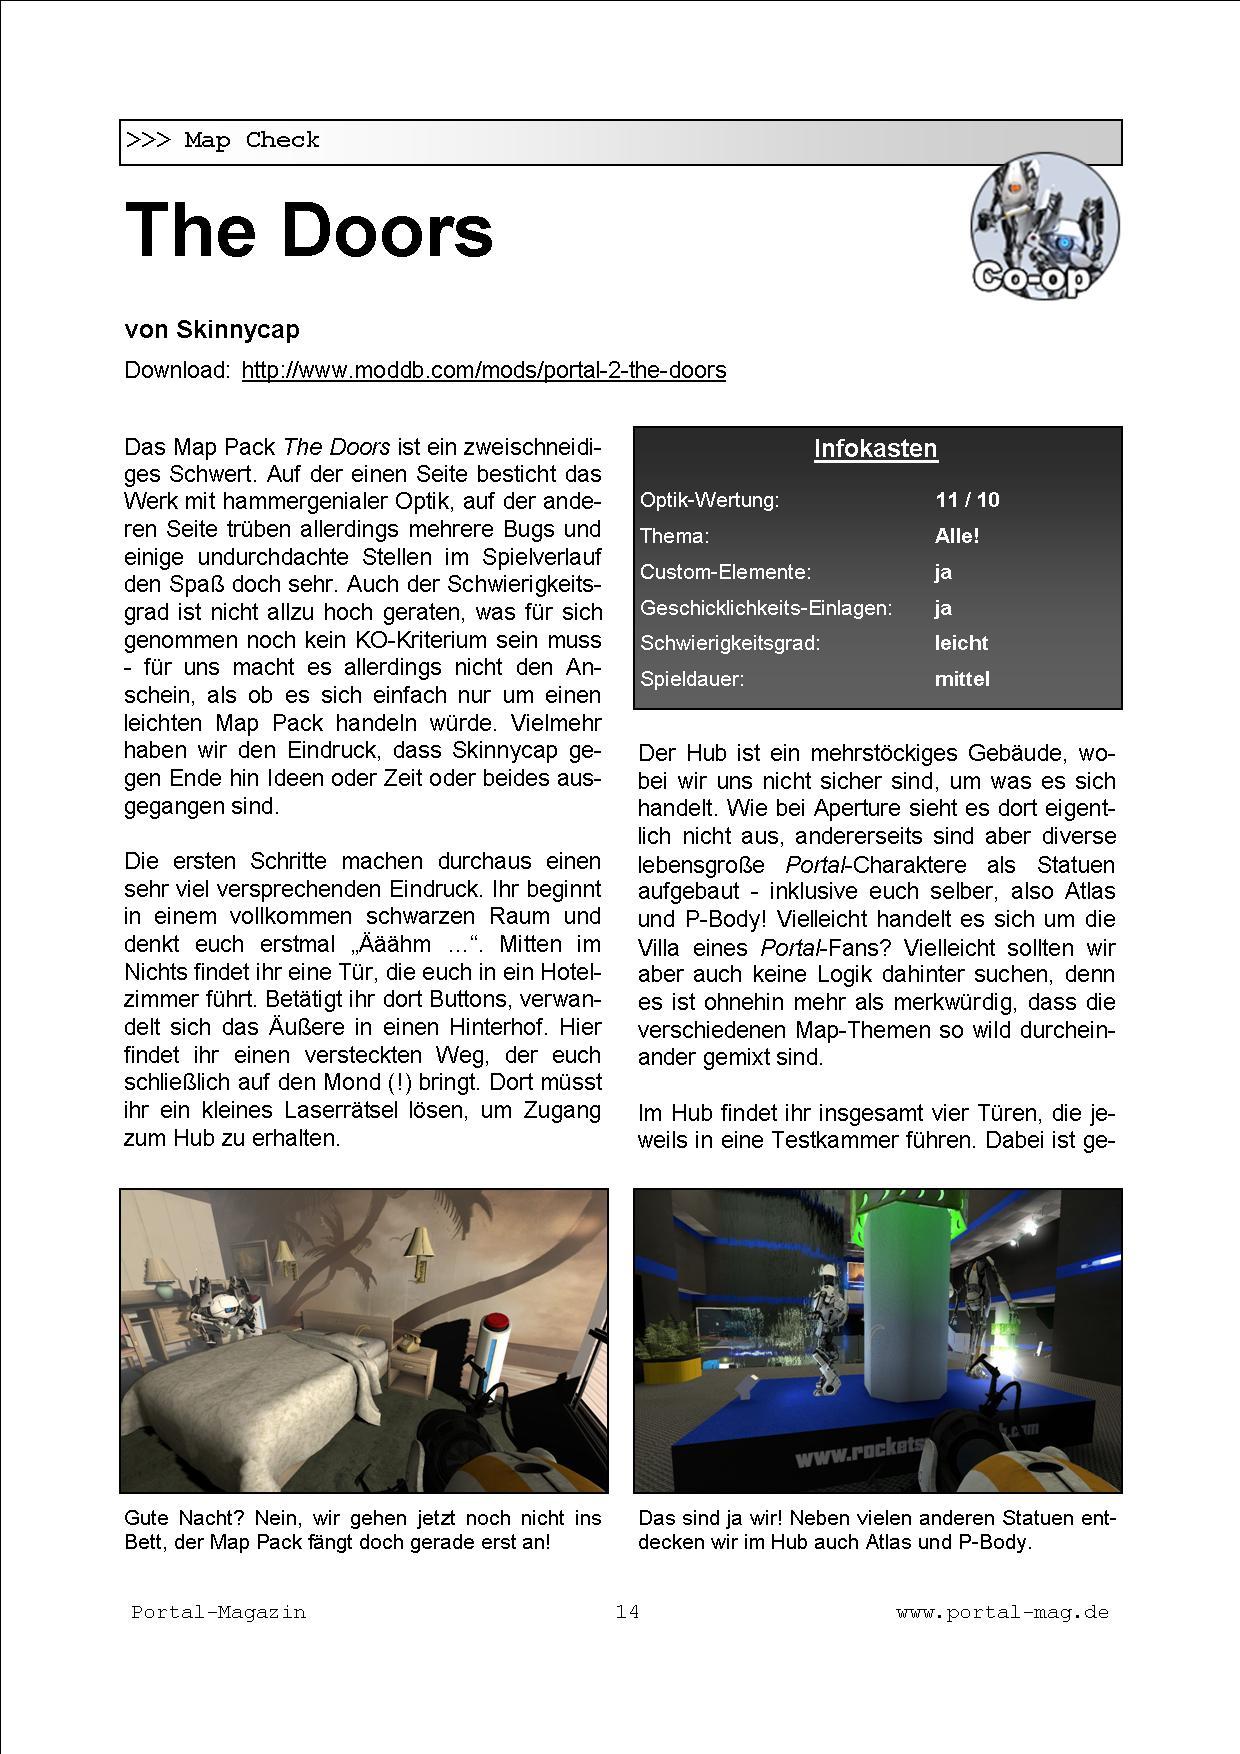 Ausgabe 12, Seite 14